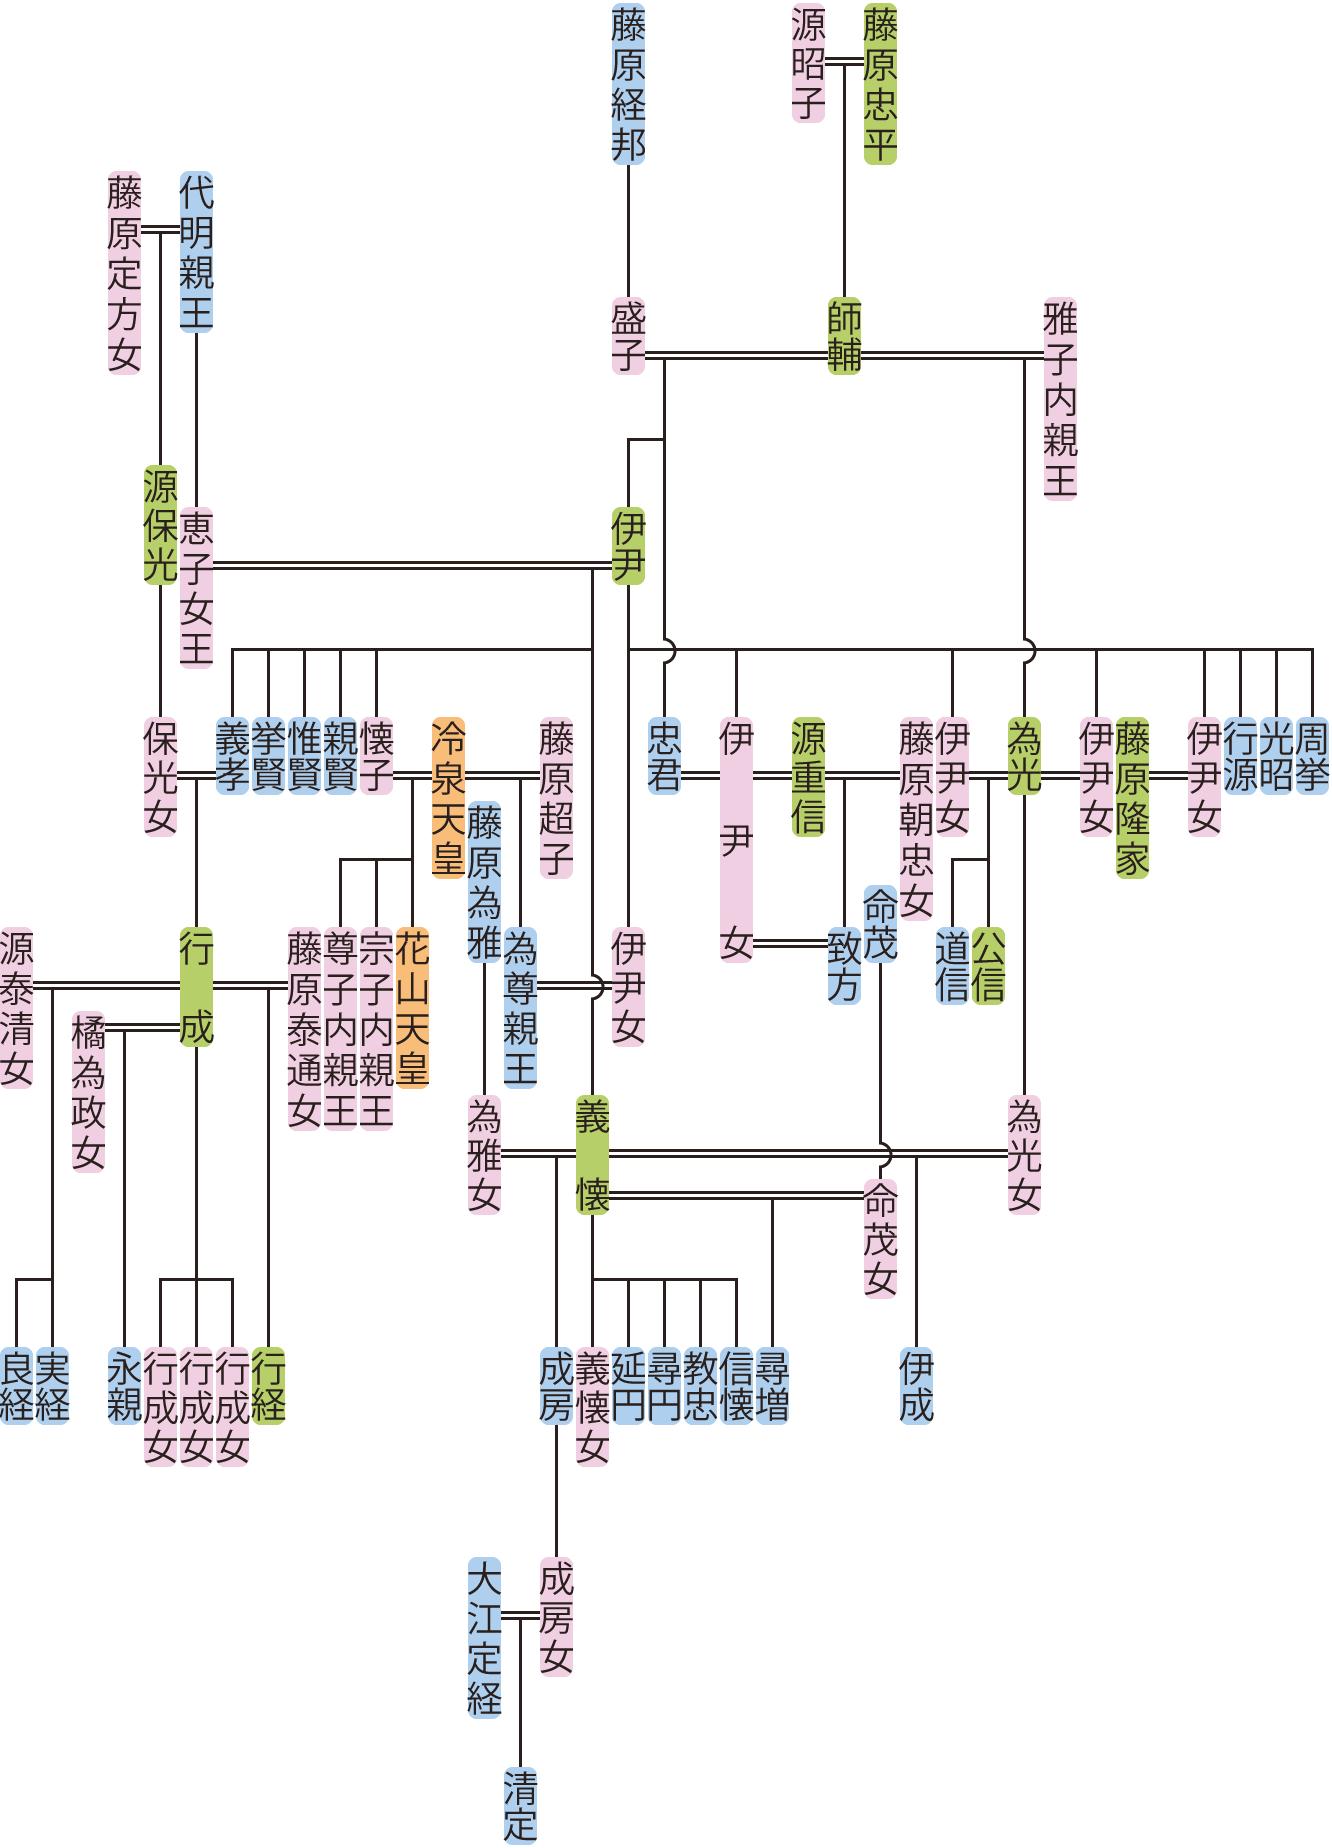 藤原伊尹・義孝の系図